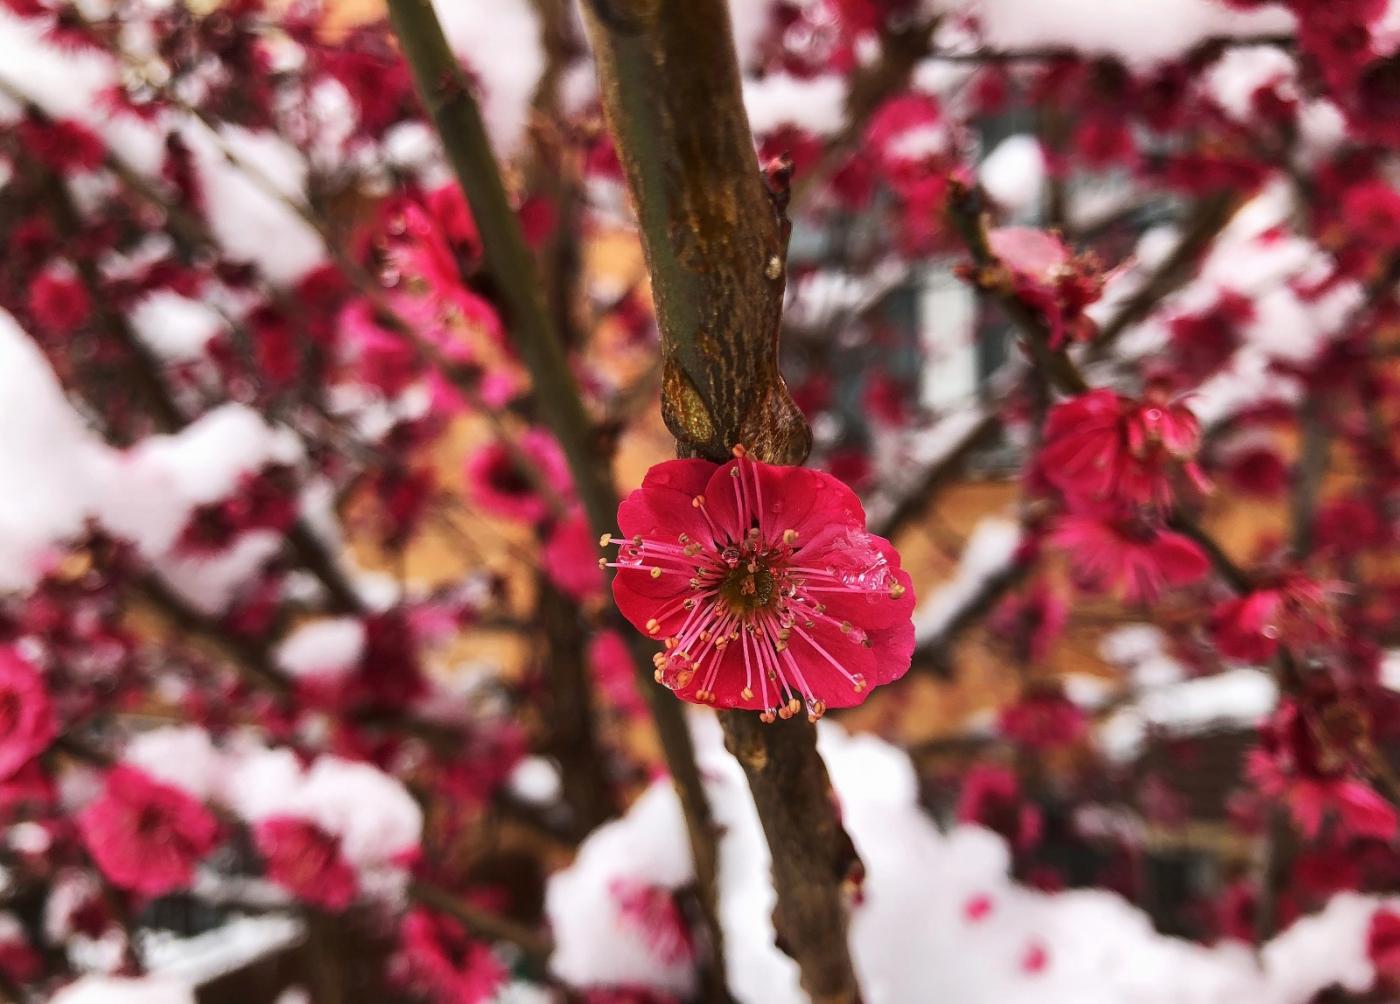 【田螺手机摄影】今早下雪去拍梅花_图1-19